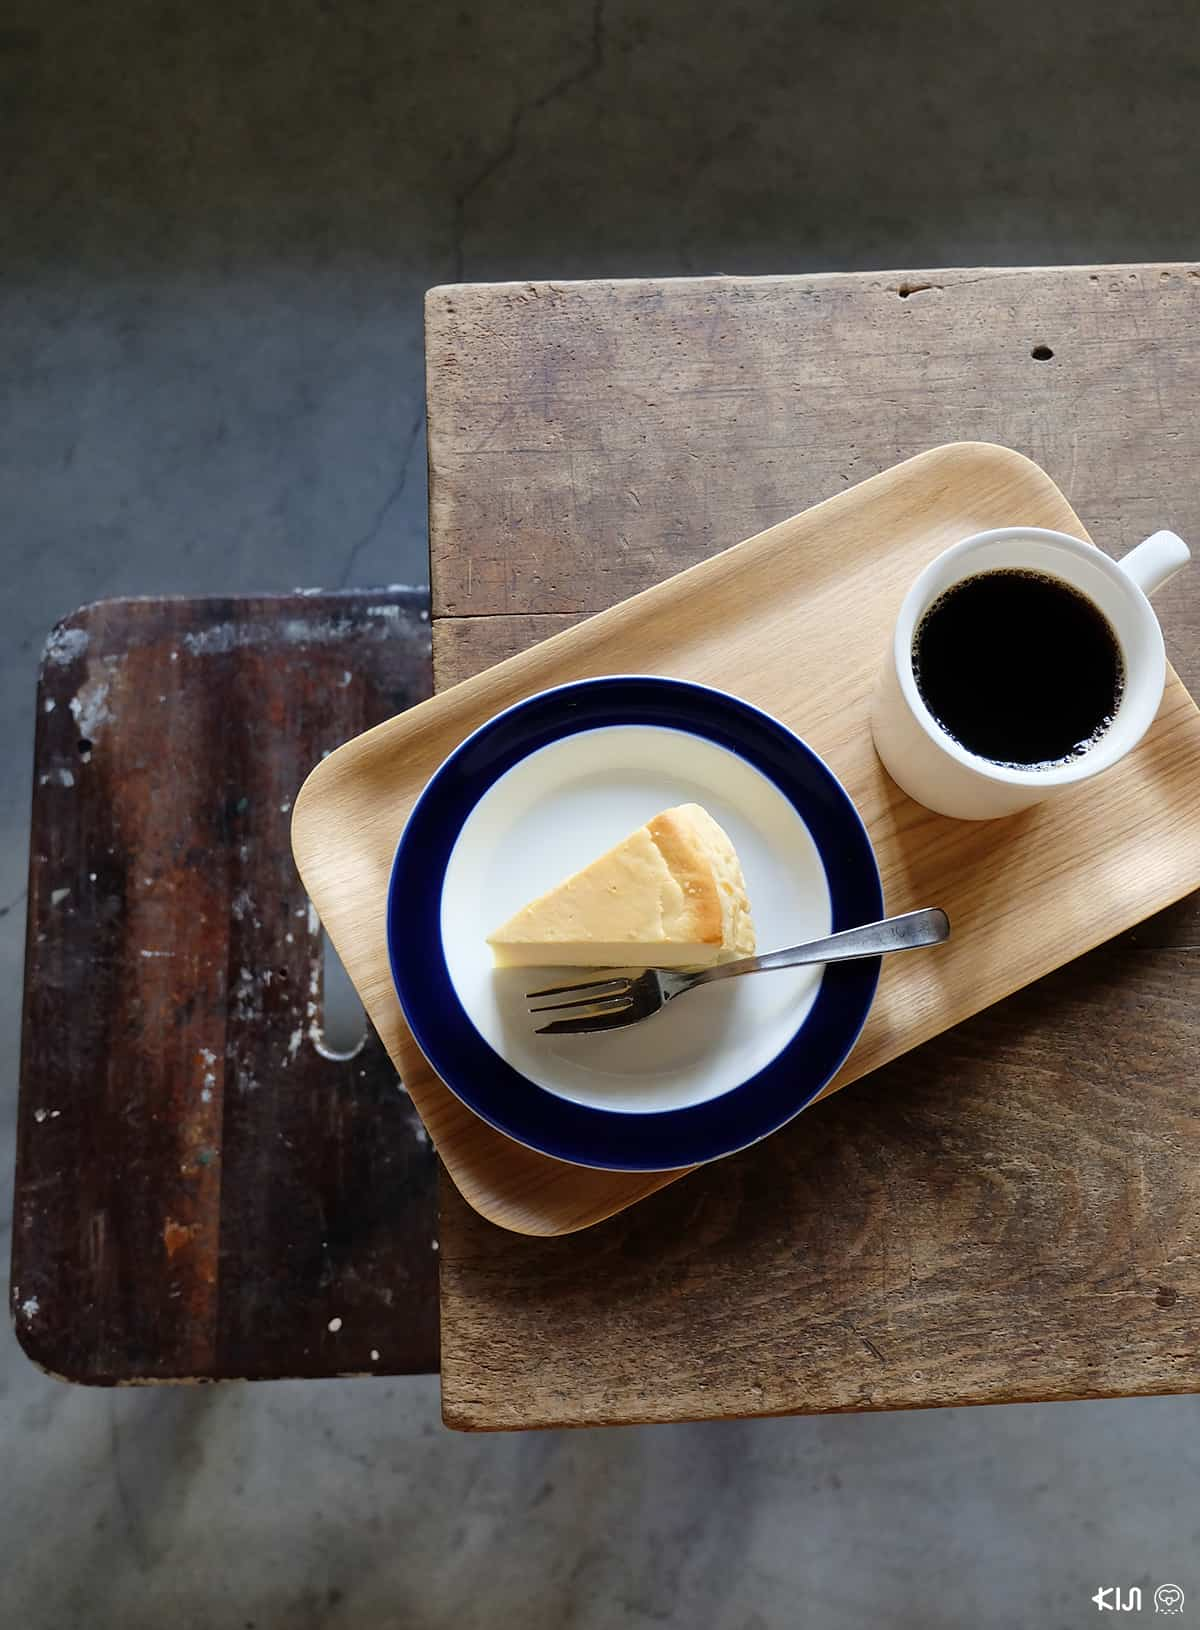 กาแฟดำที่ใช้เมล็ดจากร้าน ARiSE Coffee Roasters และชีสเค้กแสนอร่อยจากร้านคาเฟ่ที่ Fukadaso